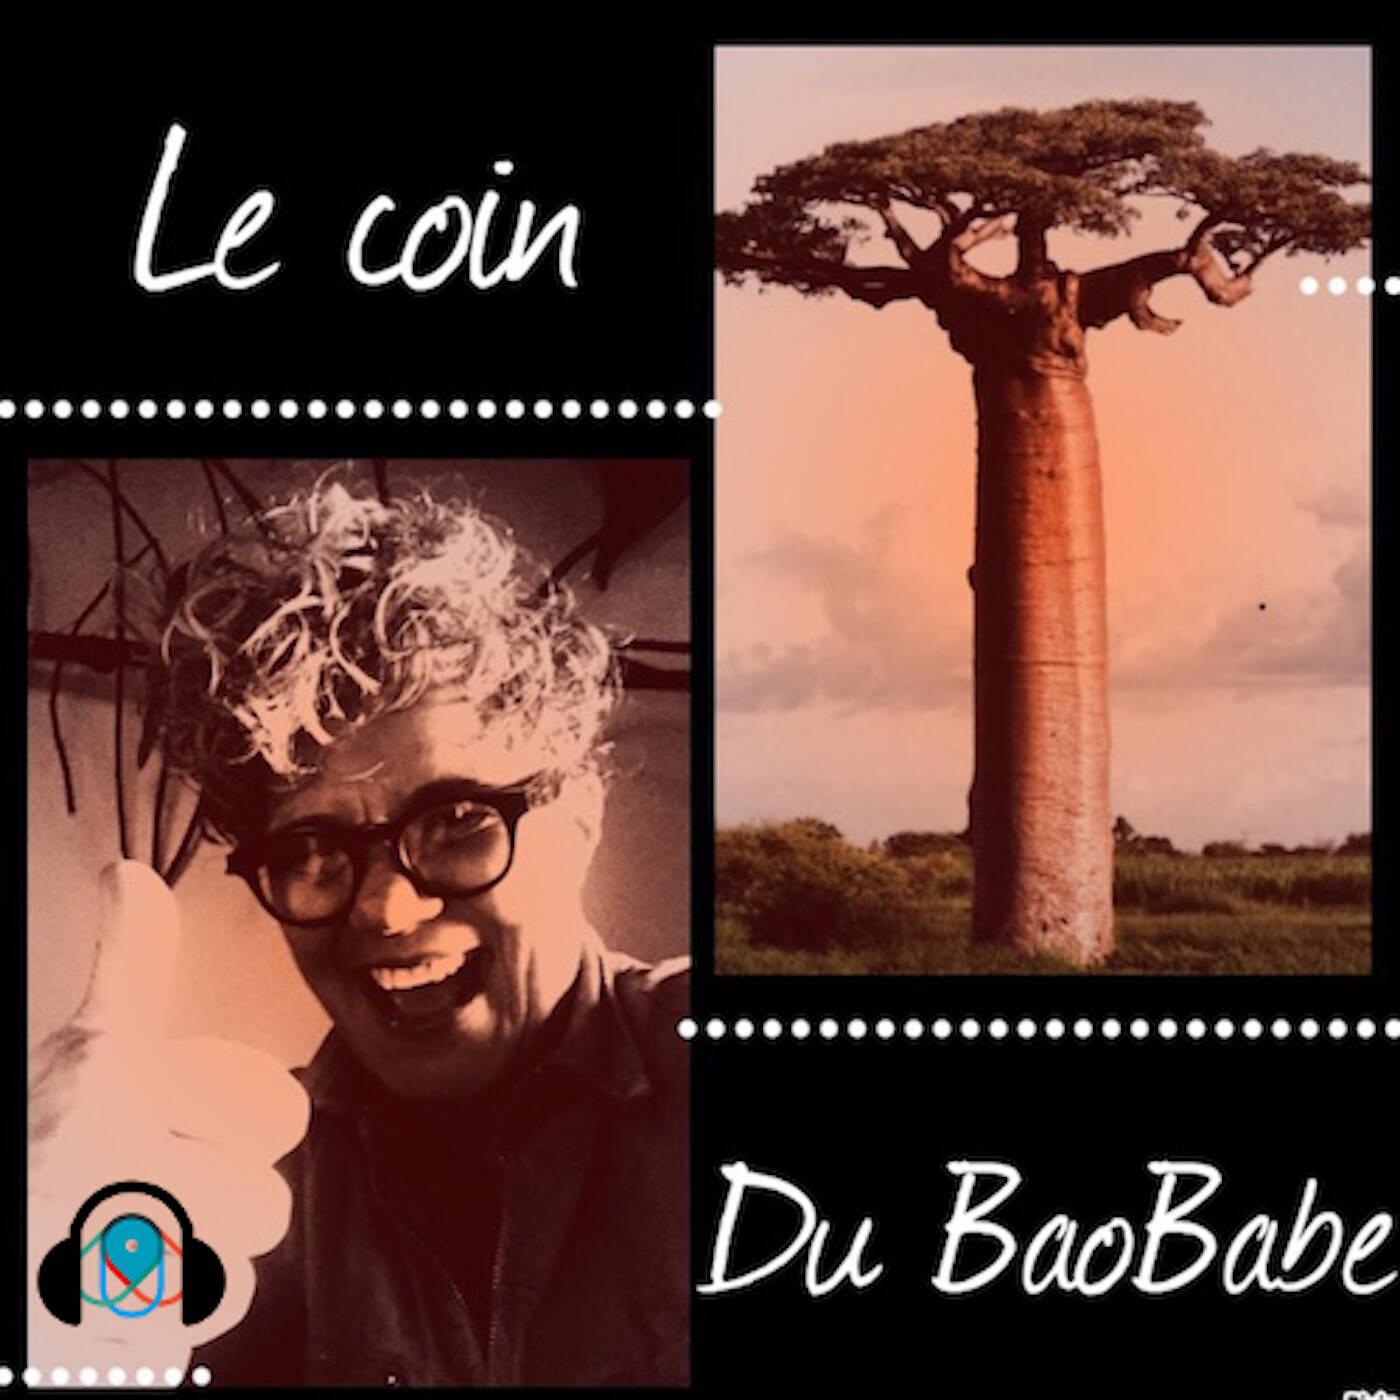 LE COIN DU BAOBABE S1E5